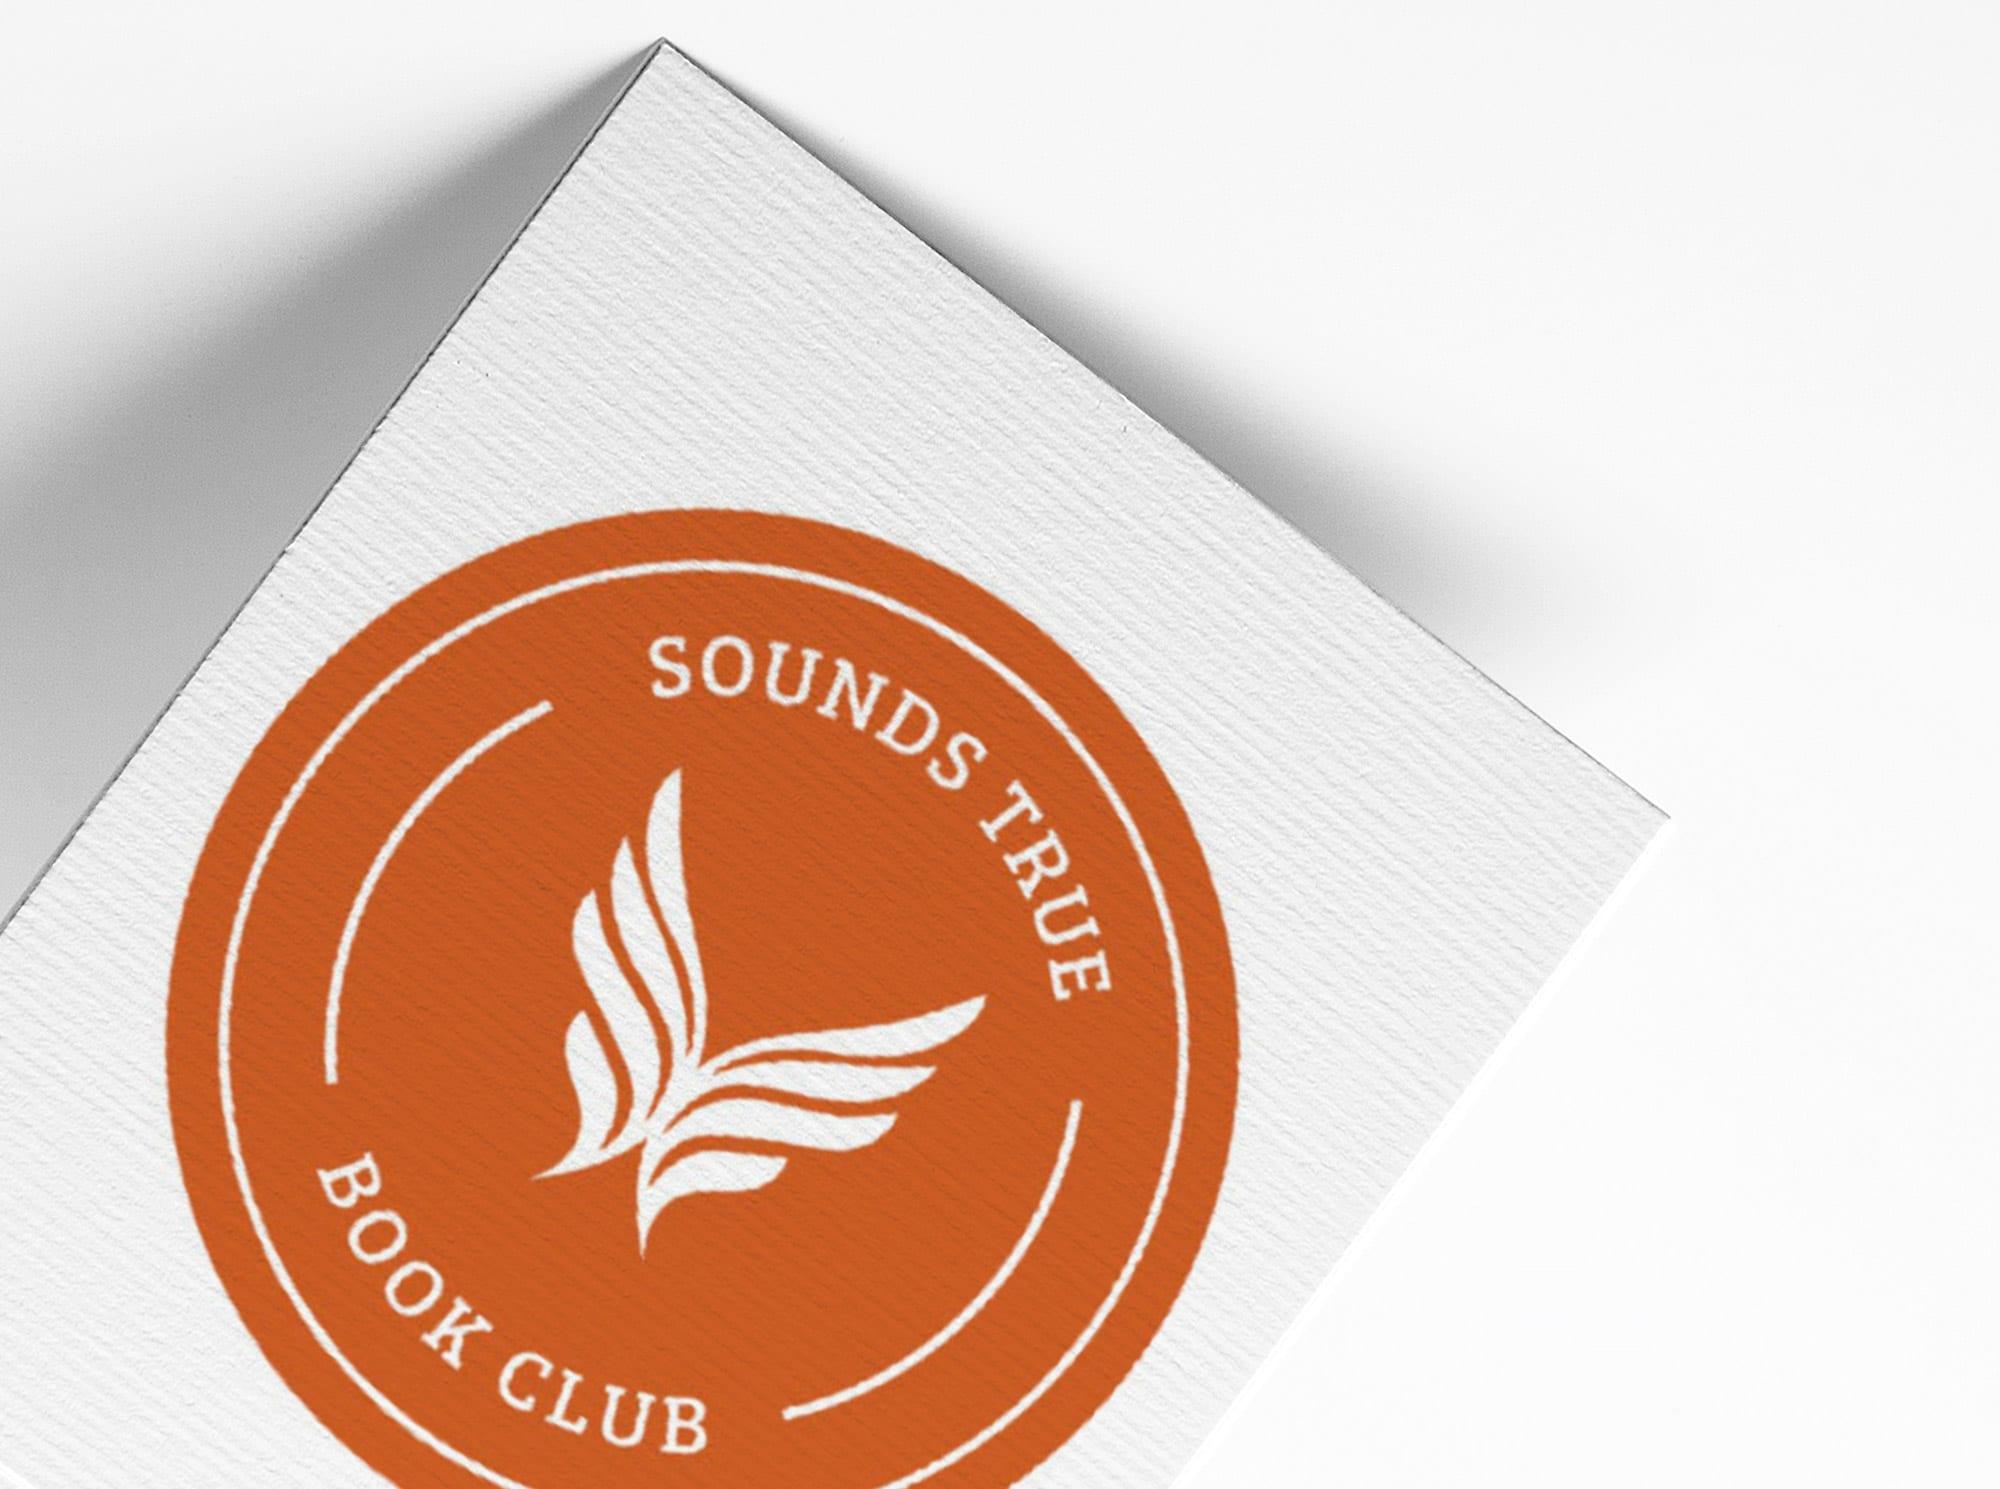 sounds-true-book-club-logo-2